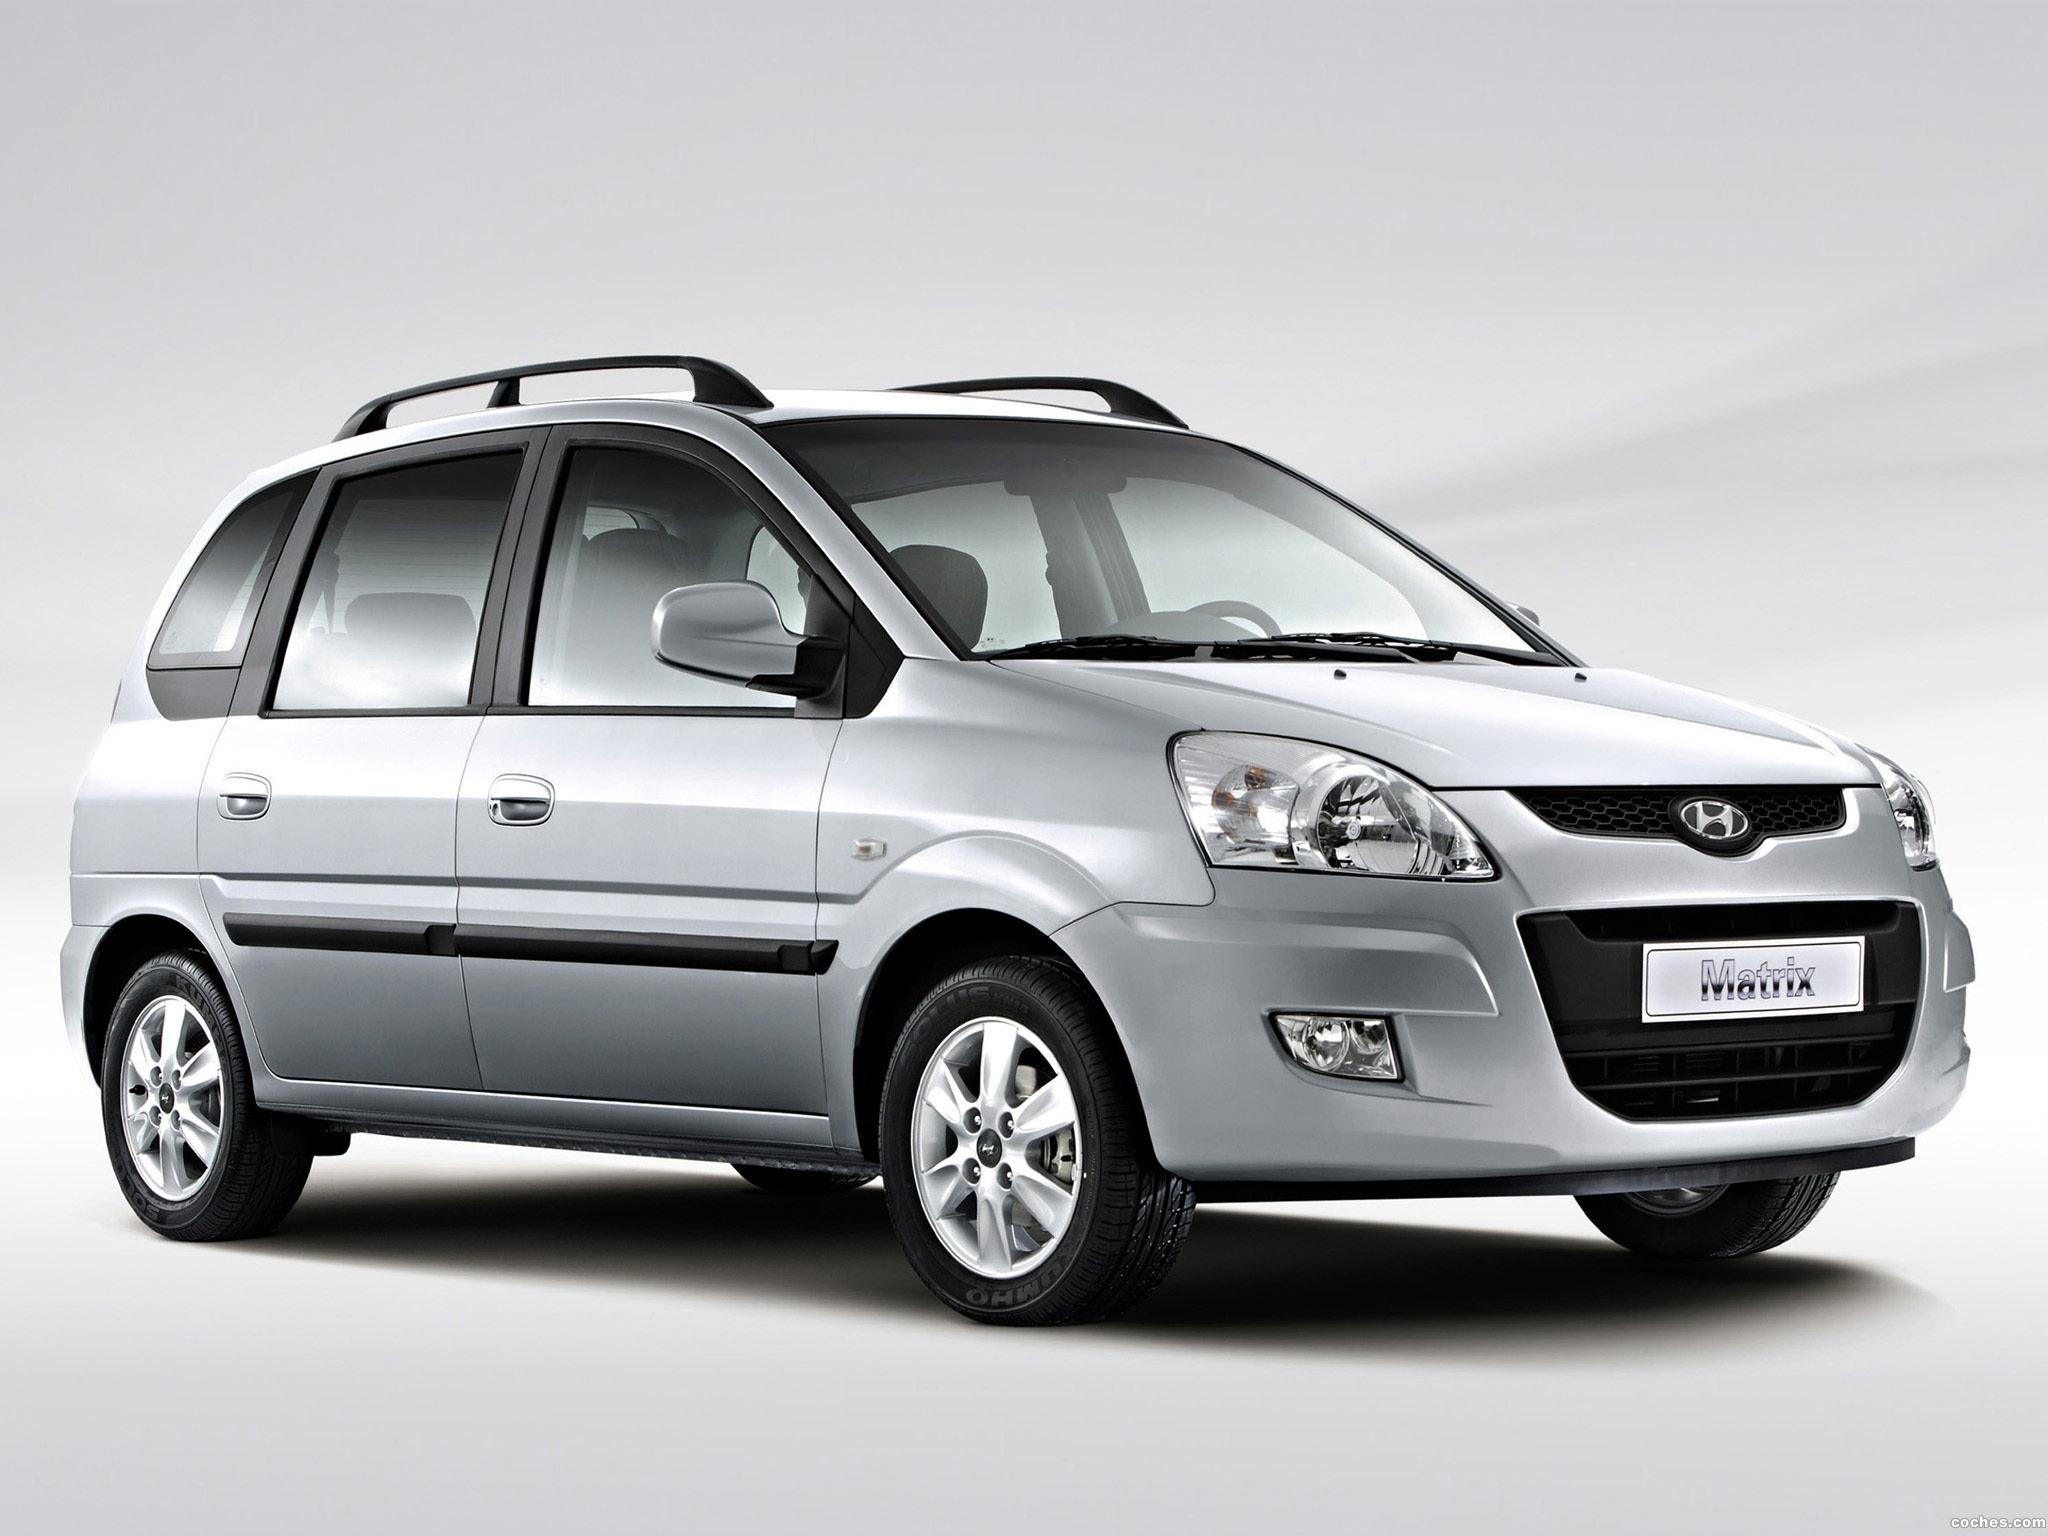 Foto 0 de Hyundai Matrix 2008